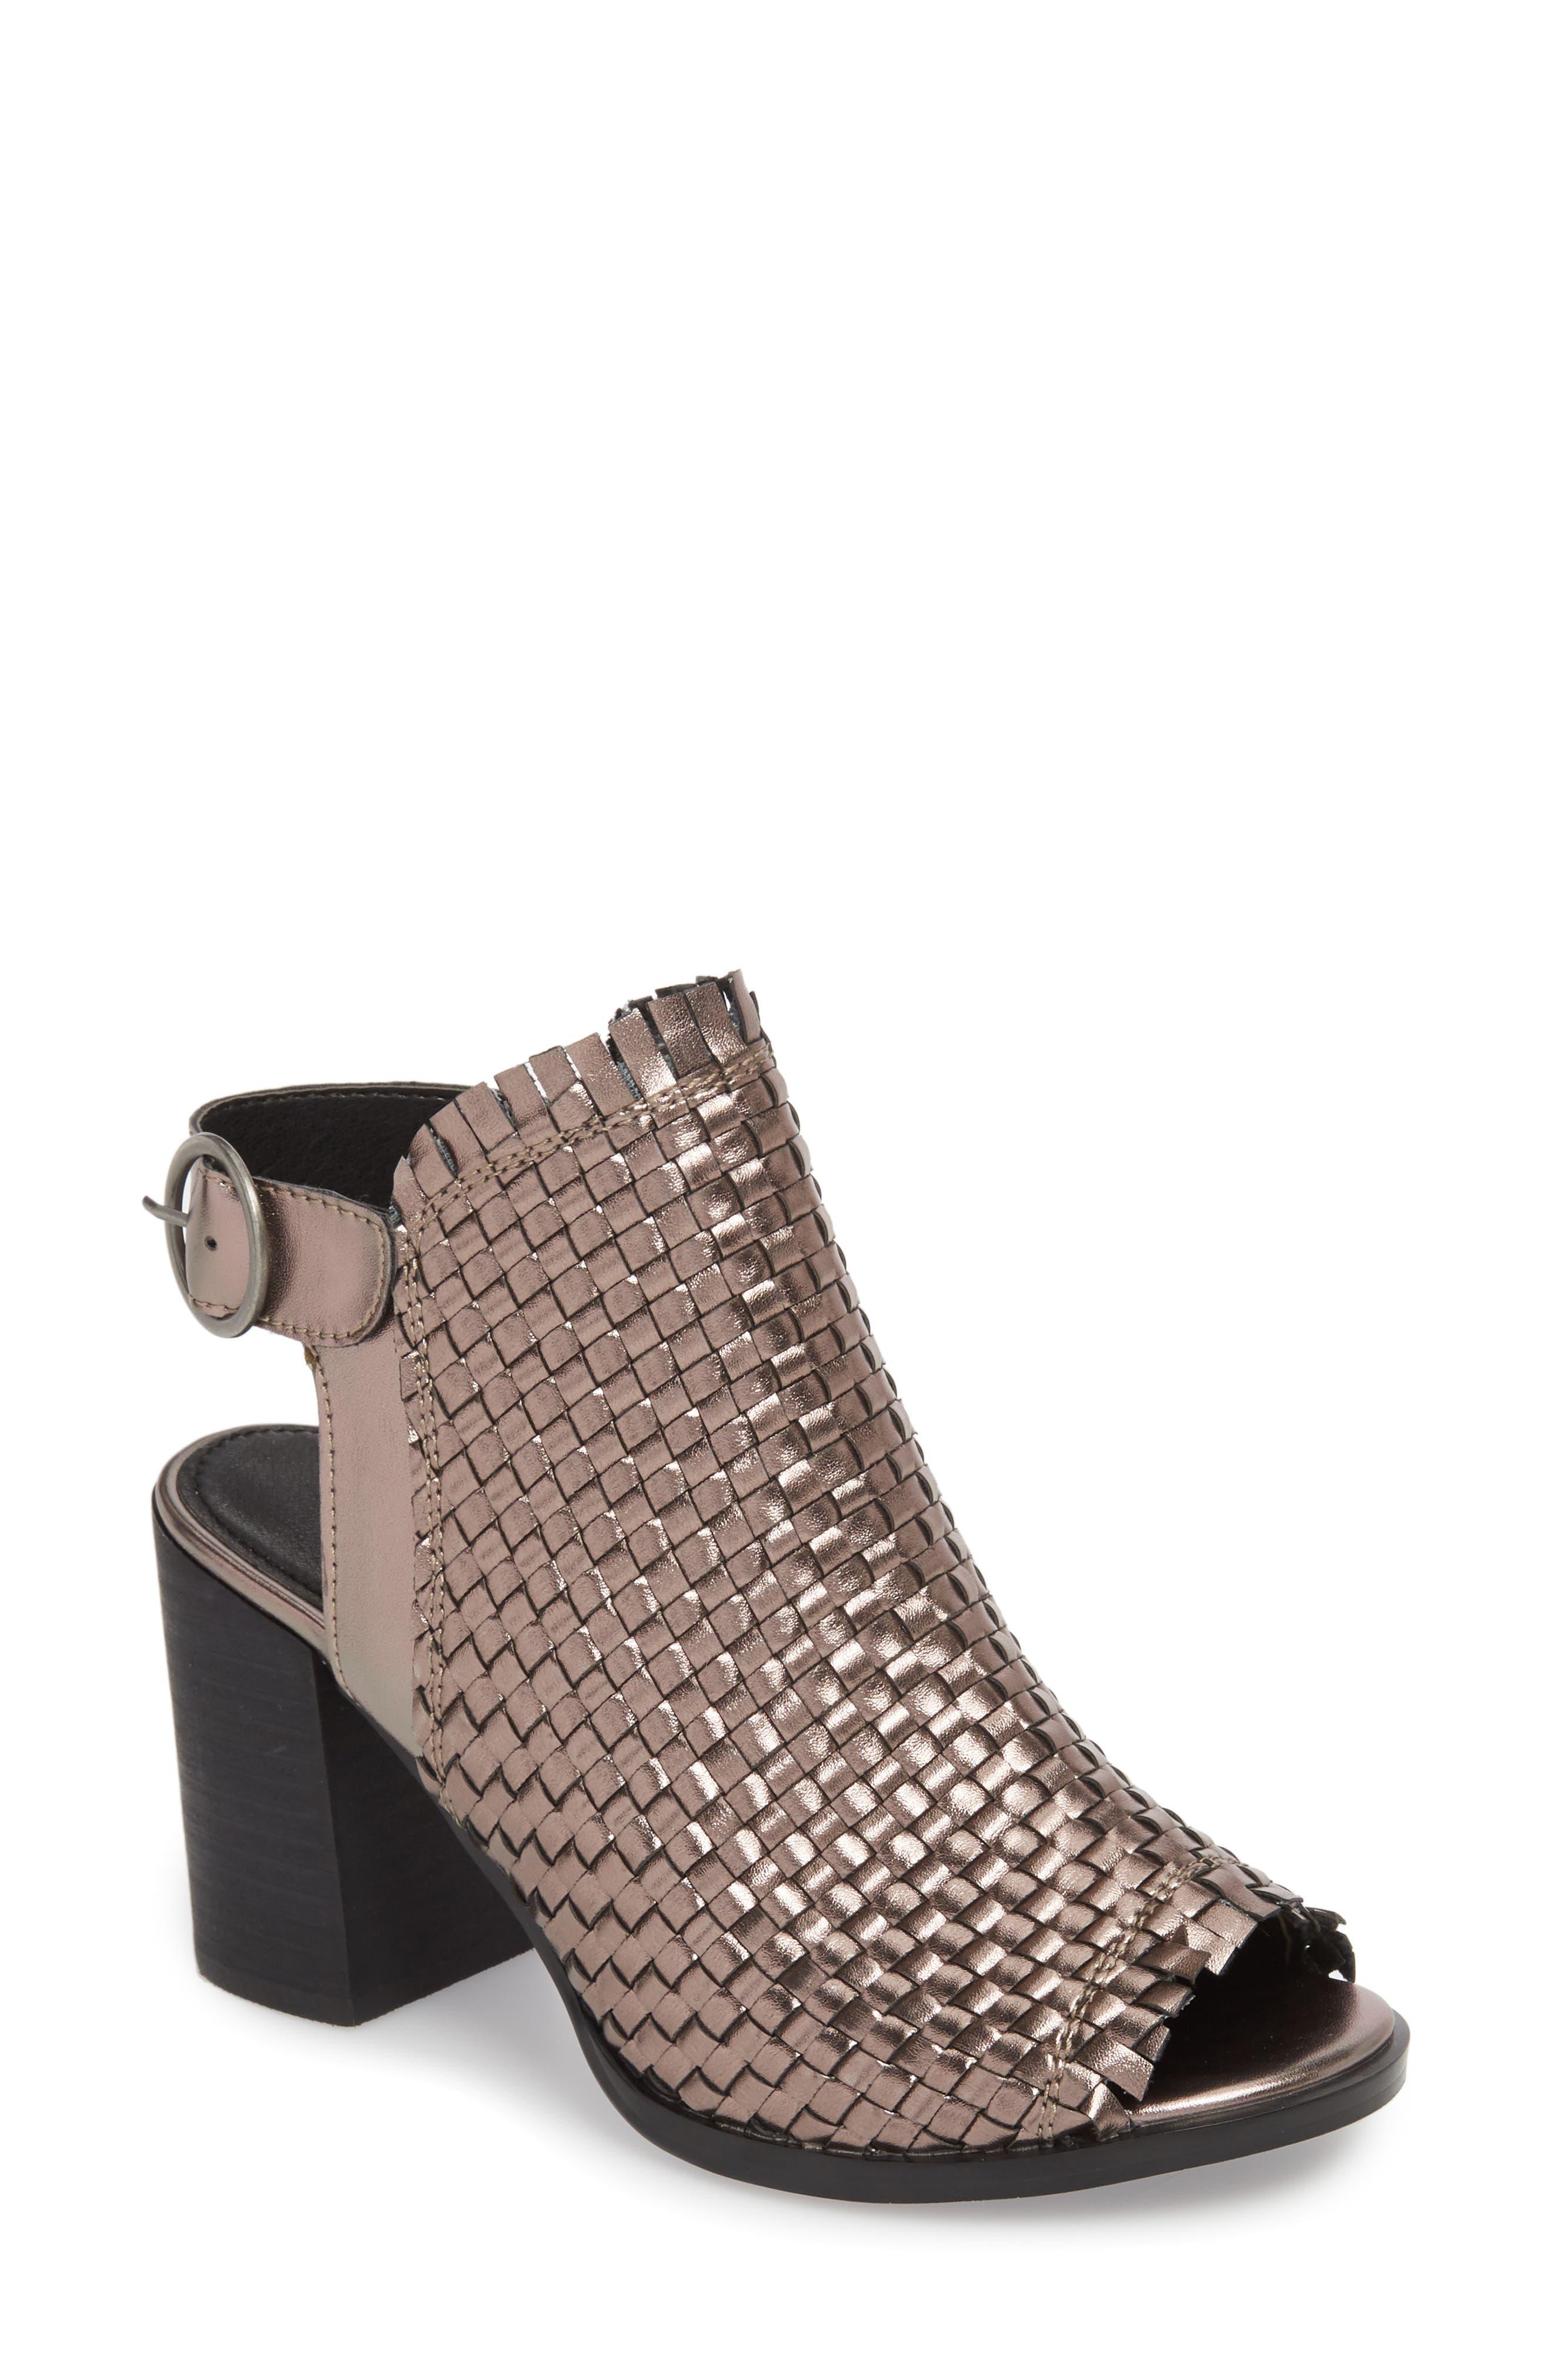 05453c073912 Women s Very Volatile Shoes